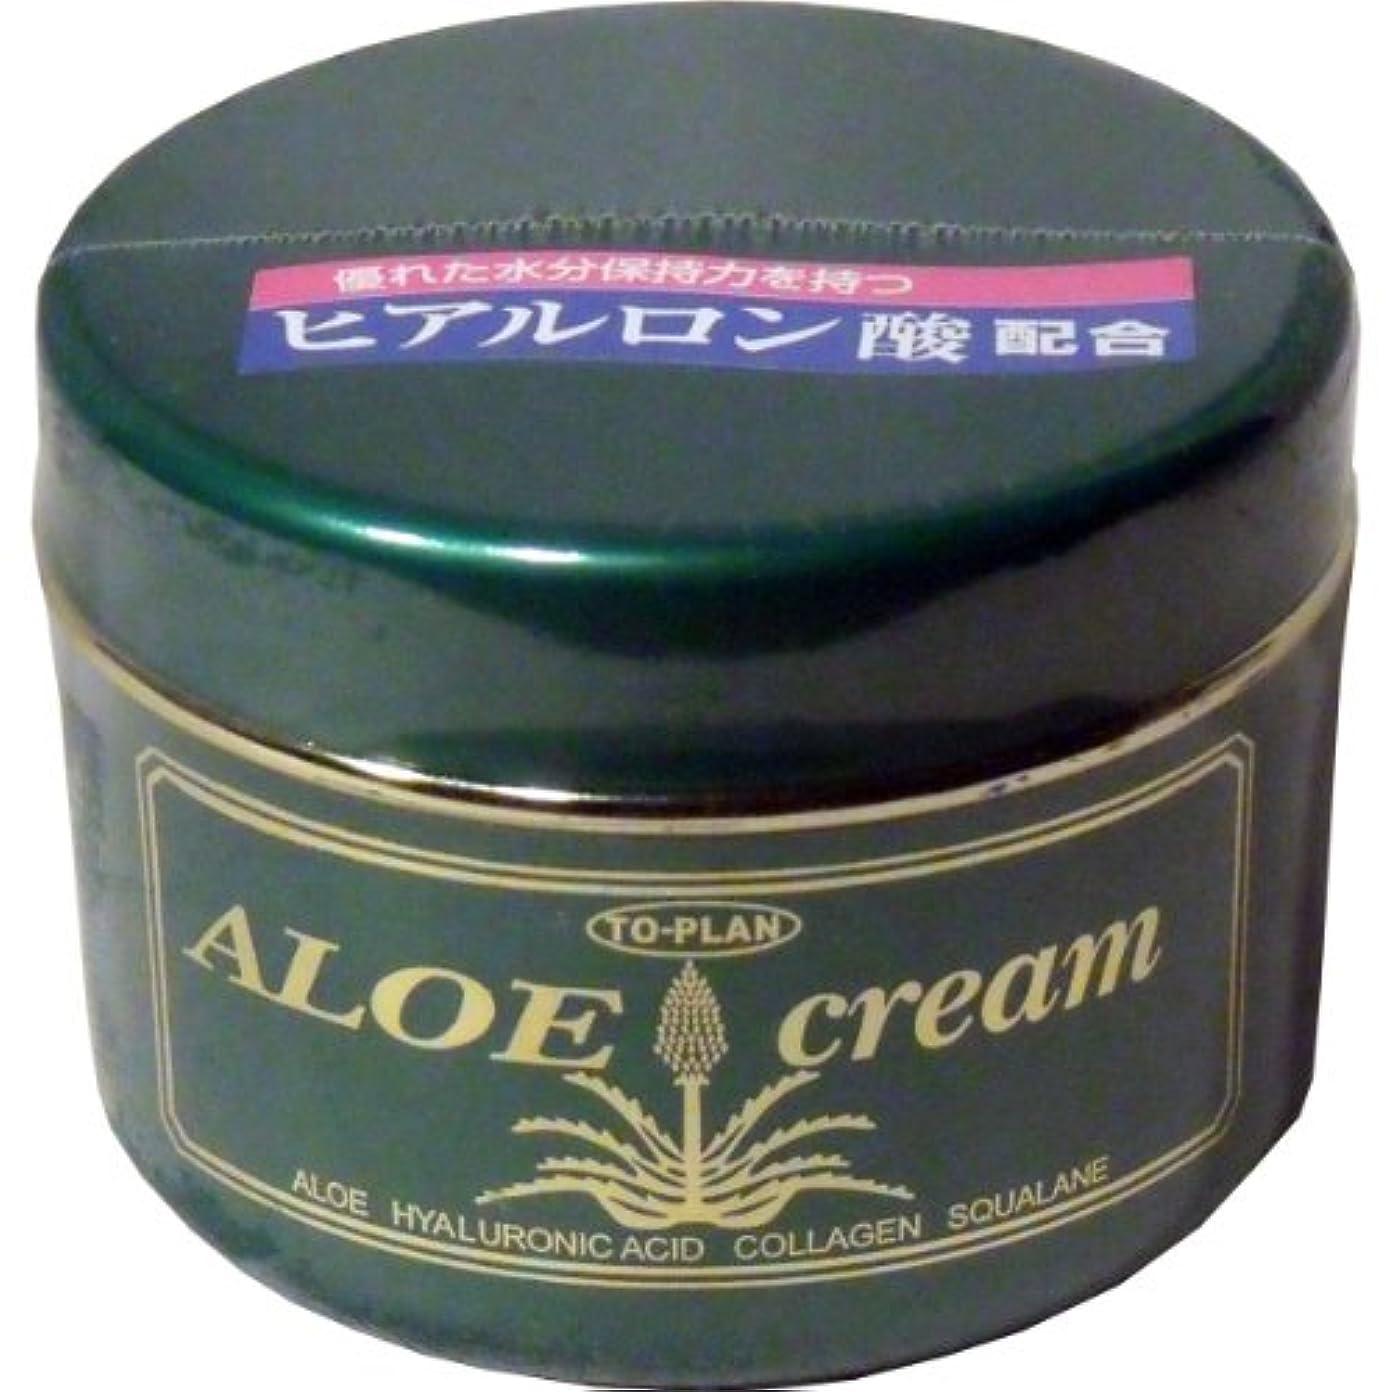 まぶしさ意義達成するトプラン ハーブフレッシュクリーム(アロエクリーム) ヒアルロン酸 170g ×3個セット